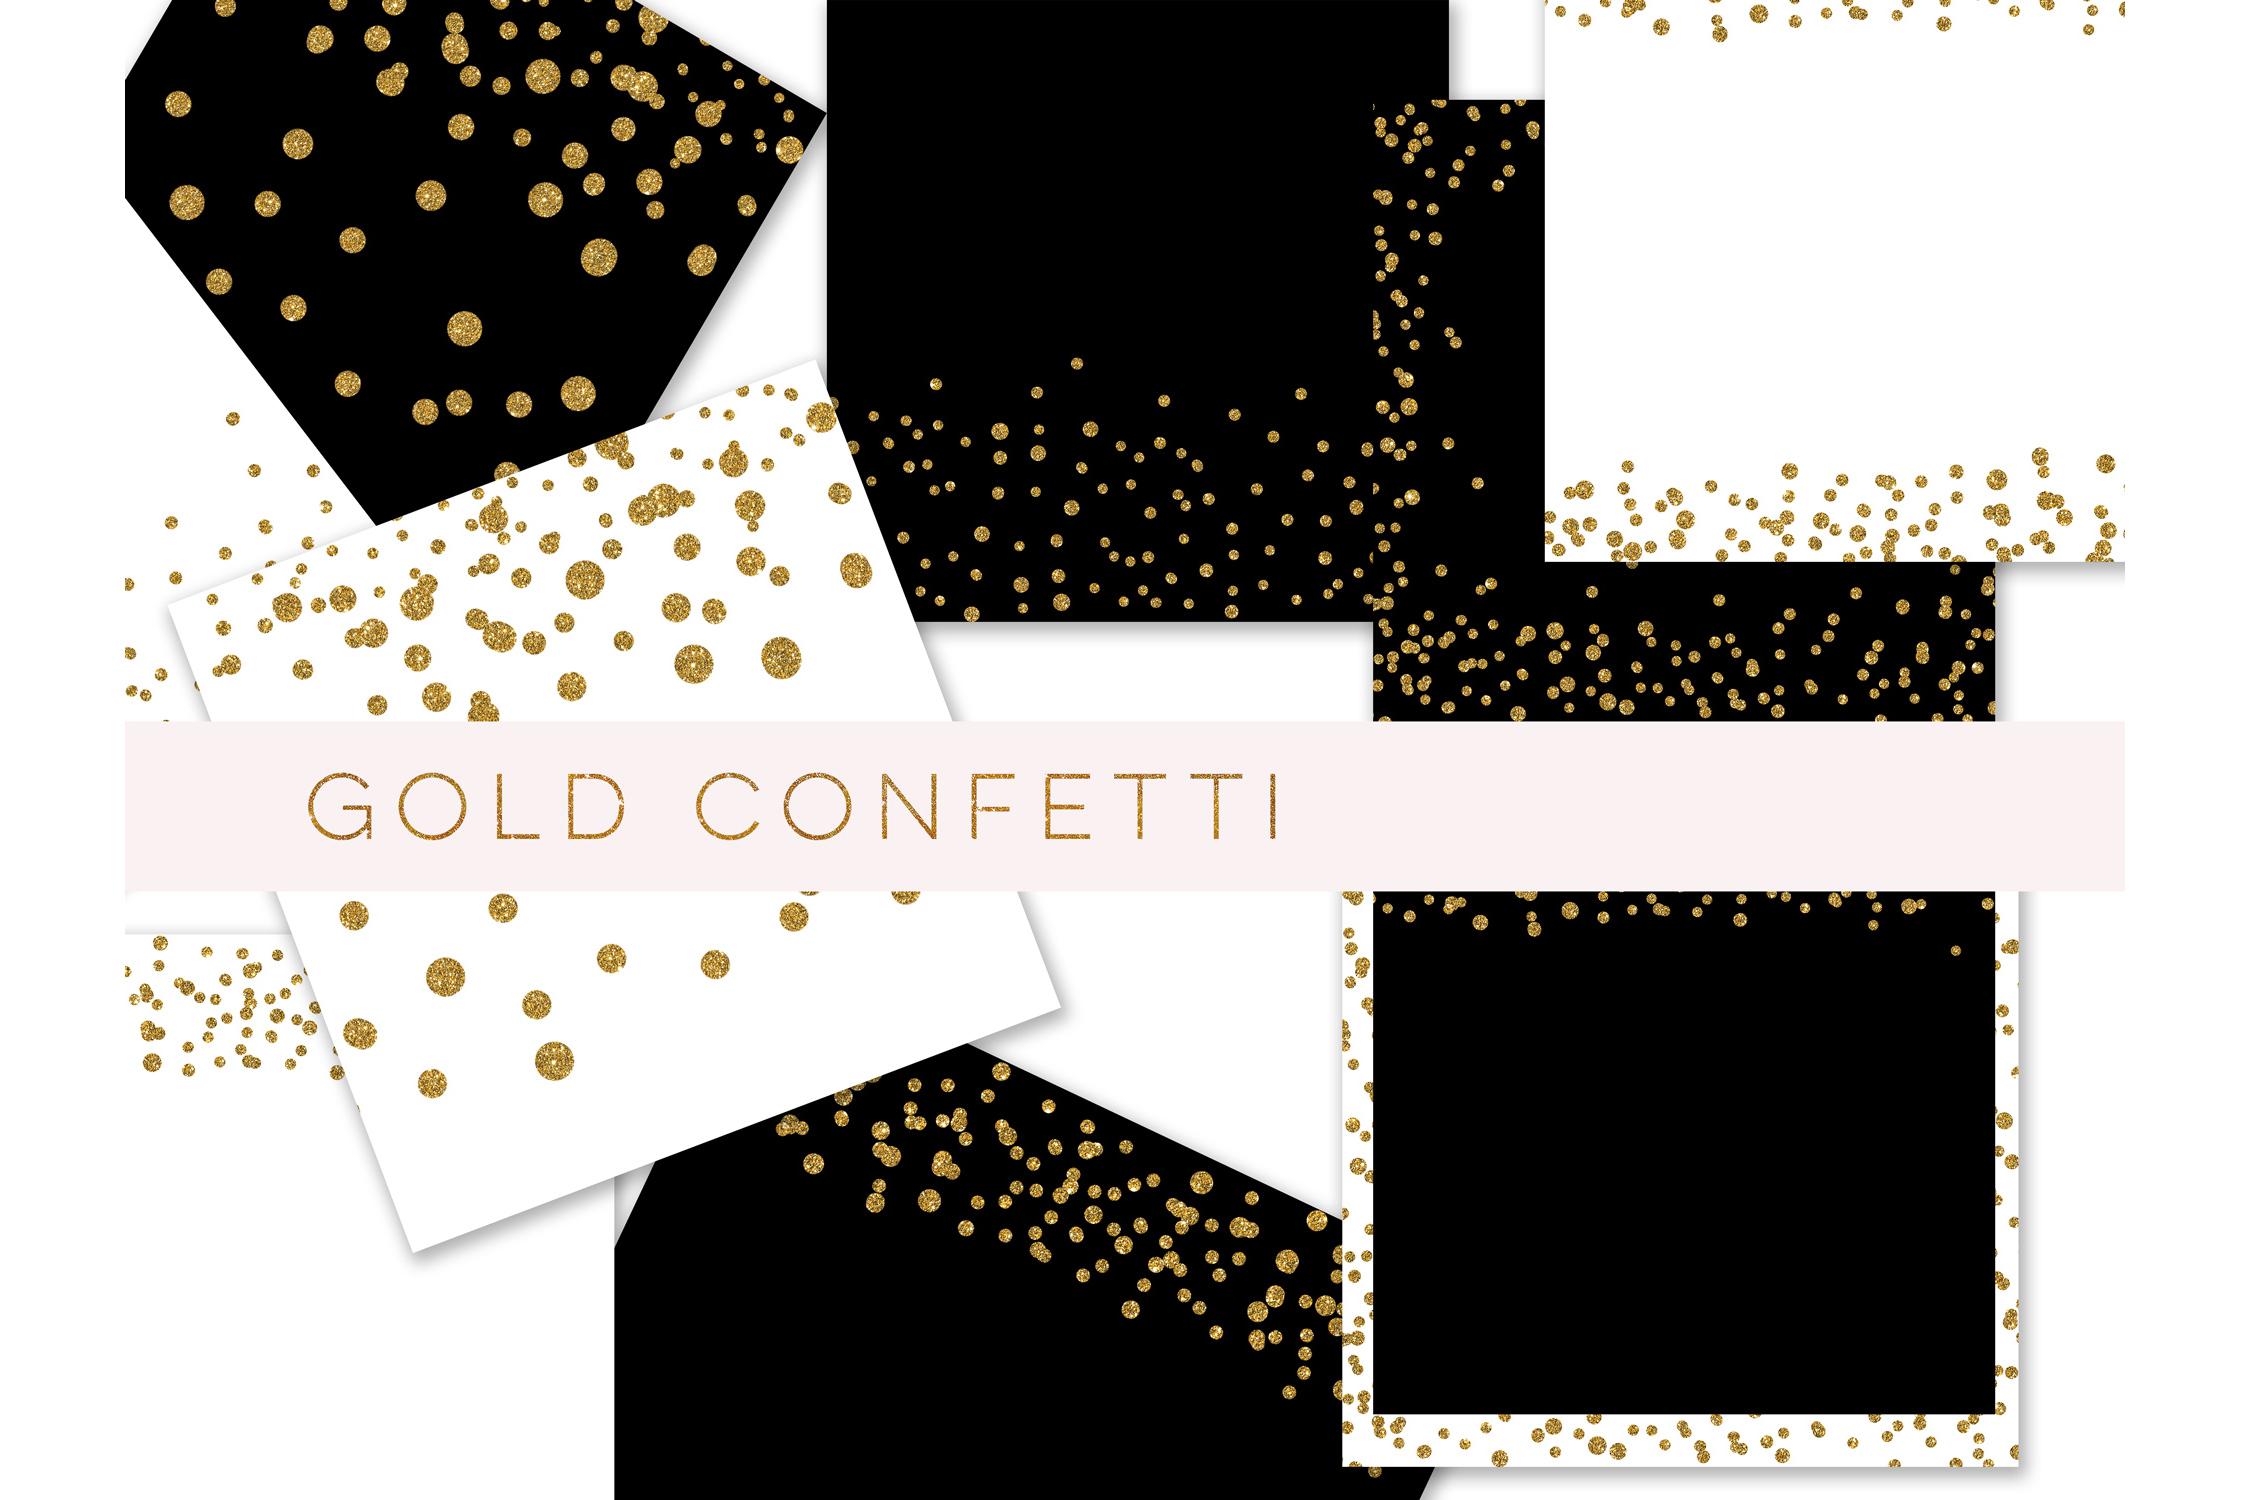 Confetti Clipart, Confetti Clip Art, Confetti Overlay, Black Gold Confetti Borders, Glitter Gold Confetti Graphics, Glitter Digital Confetti, commercial use example image 3